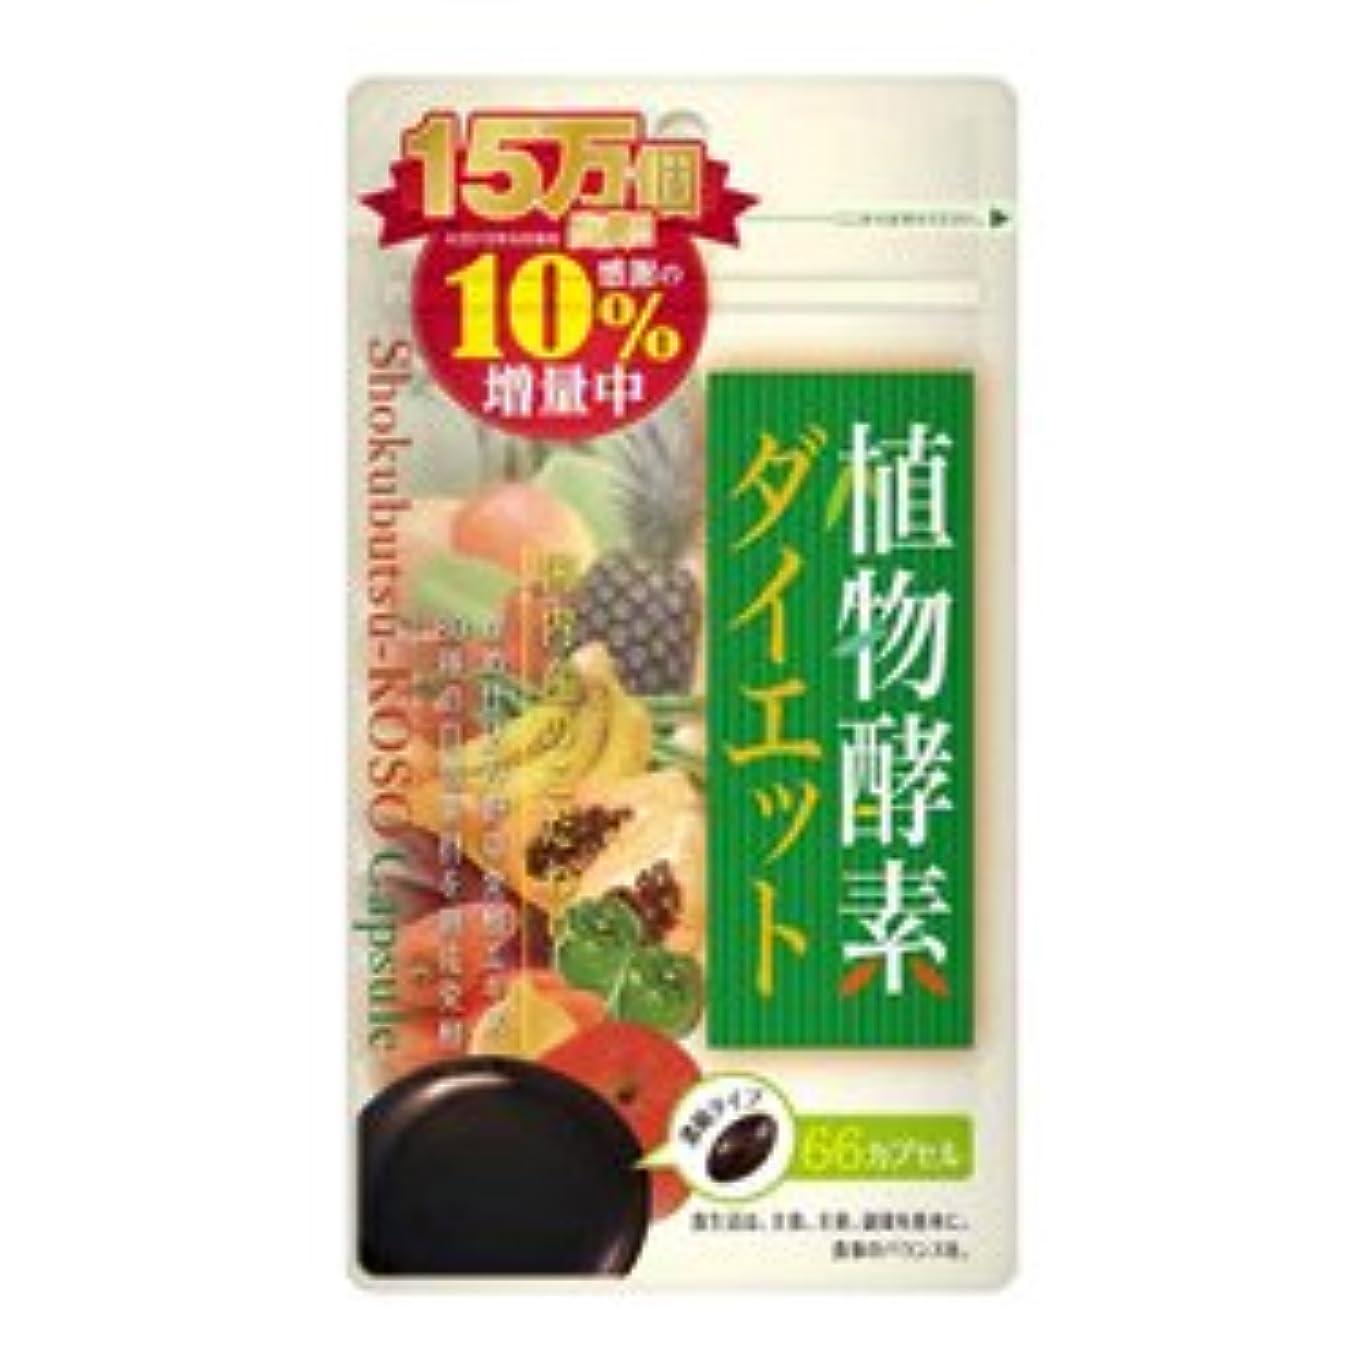 ソファー遺産充実【ウエルネスジャパン】植物酵素ダイエット 66カプセル ×3個セット